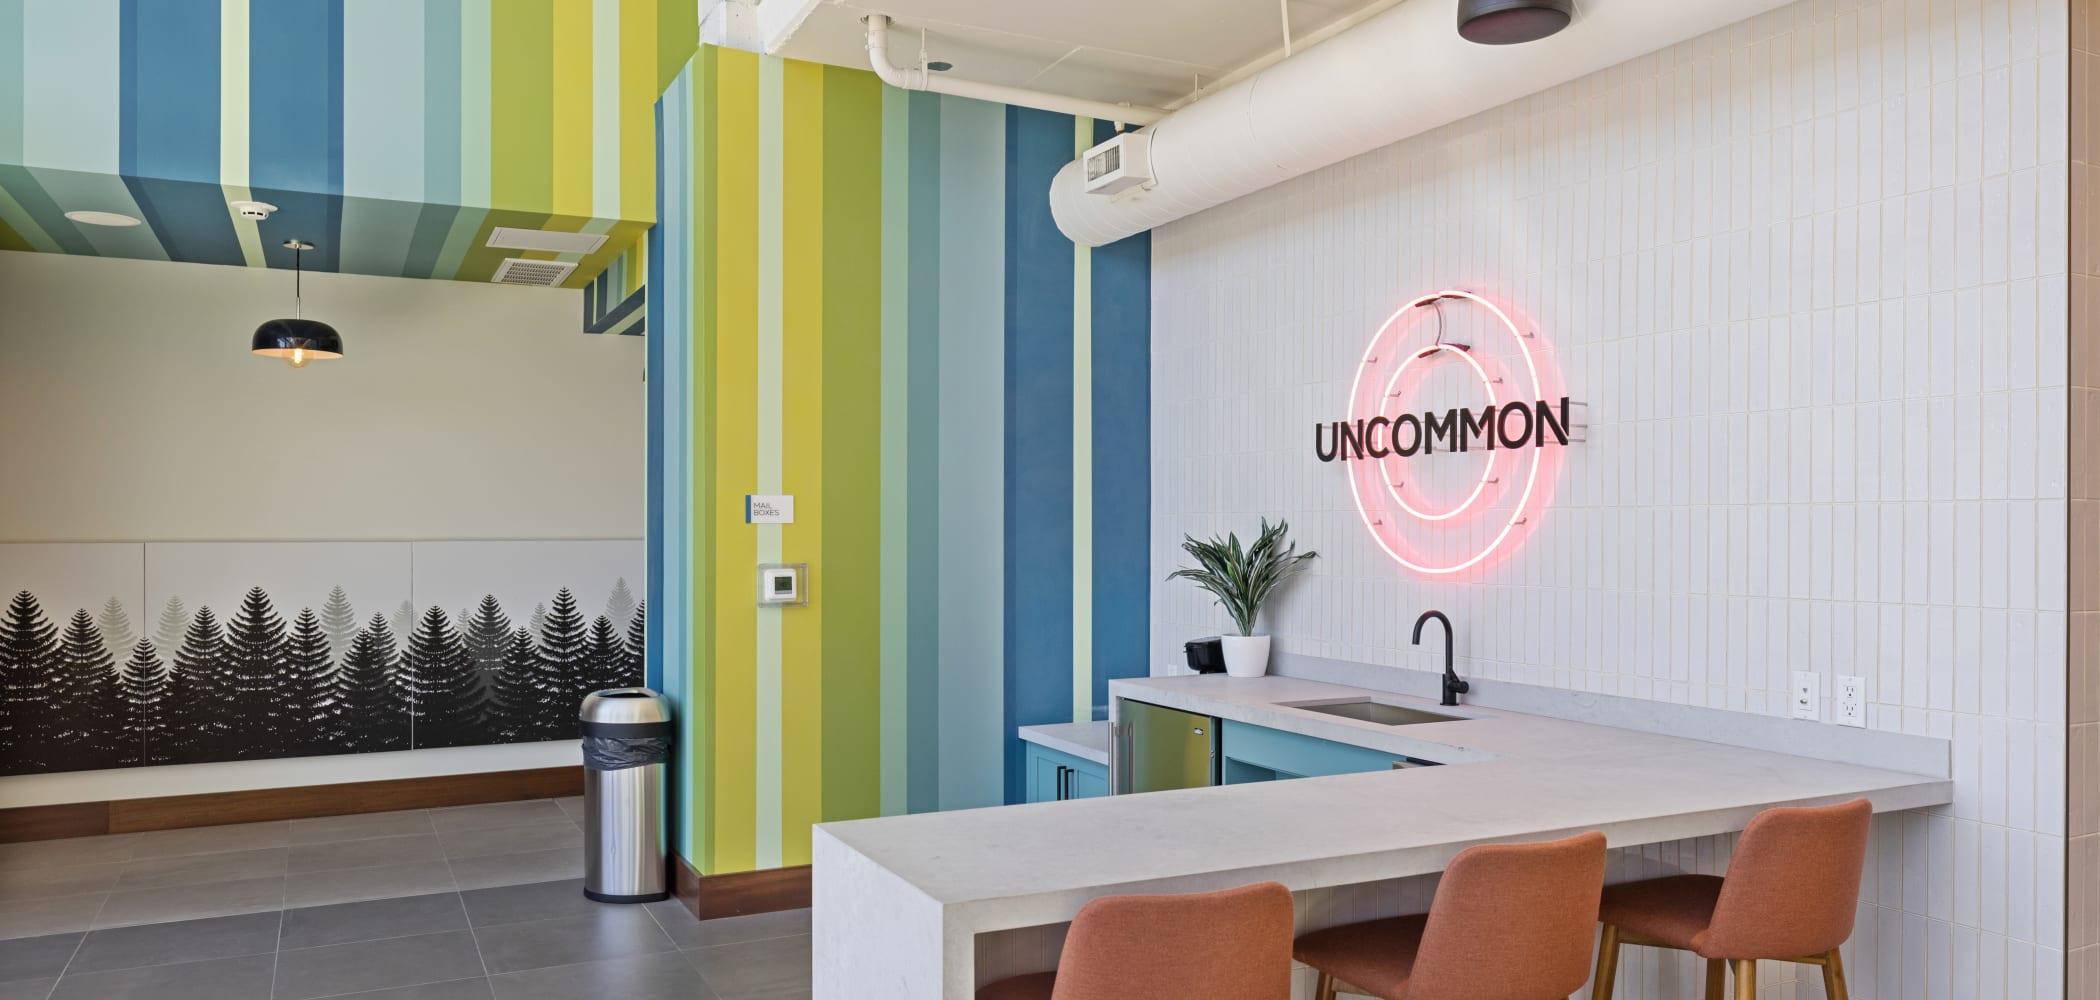 Private study room at UNCOMMON Reno in Reno, Nevada